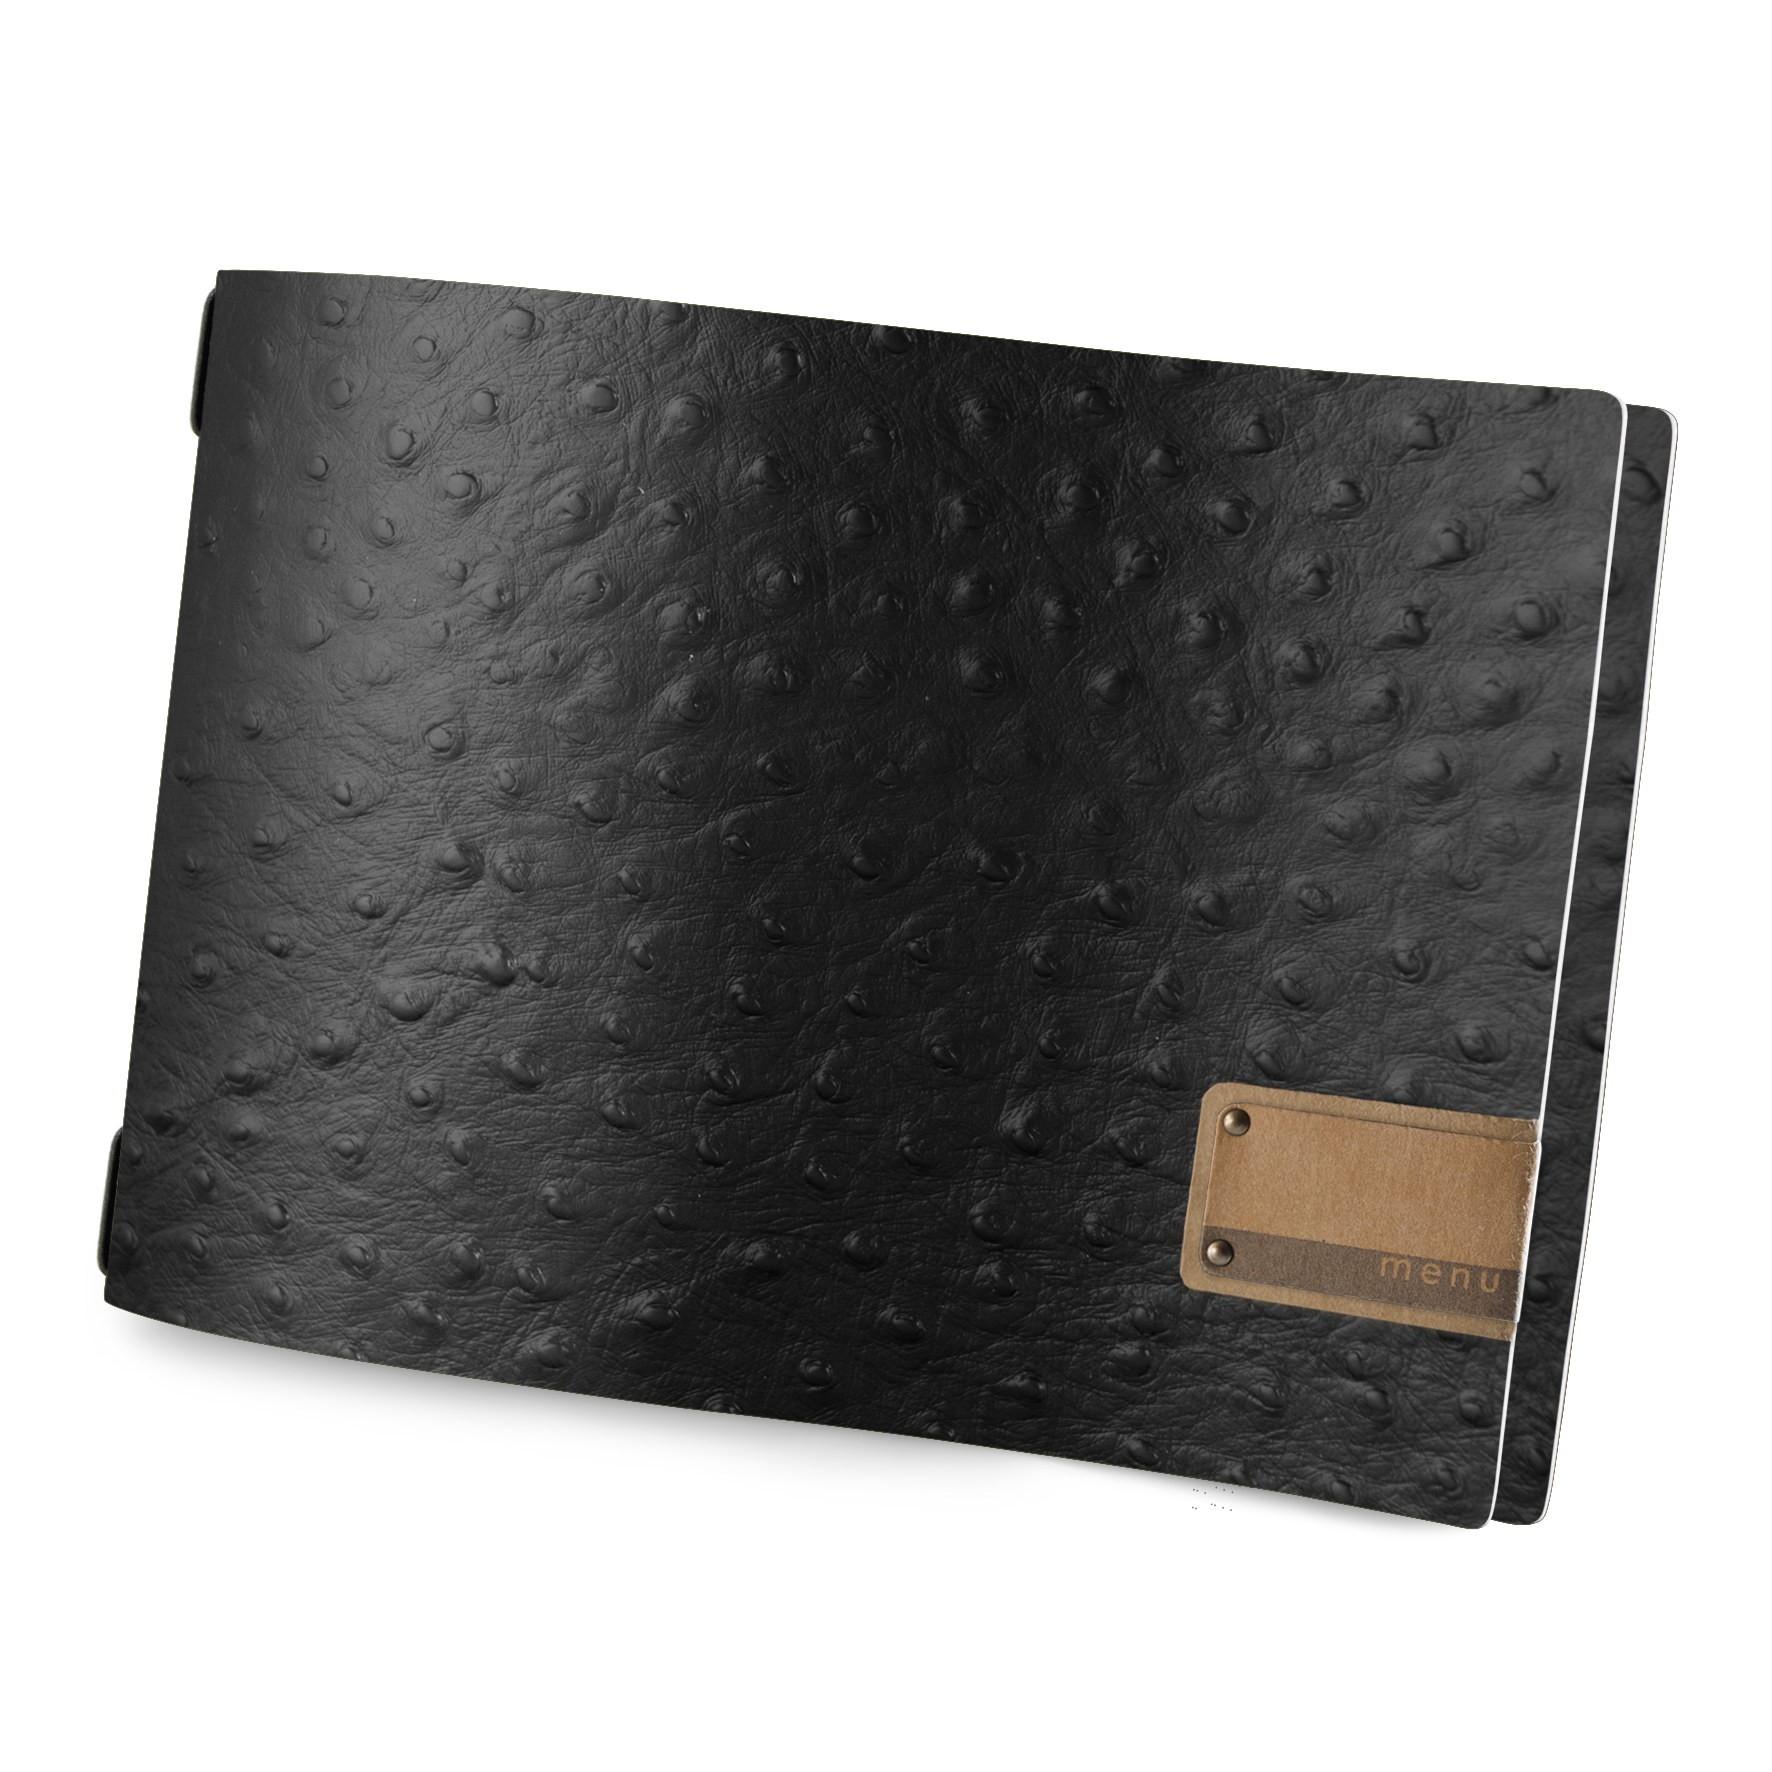 Protège menu A4 HORIZONTAL Fashion noir aspect peau d'autruche